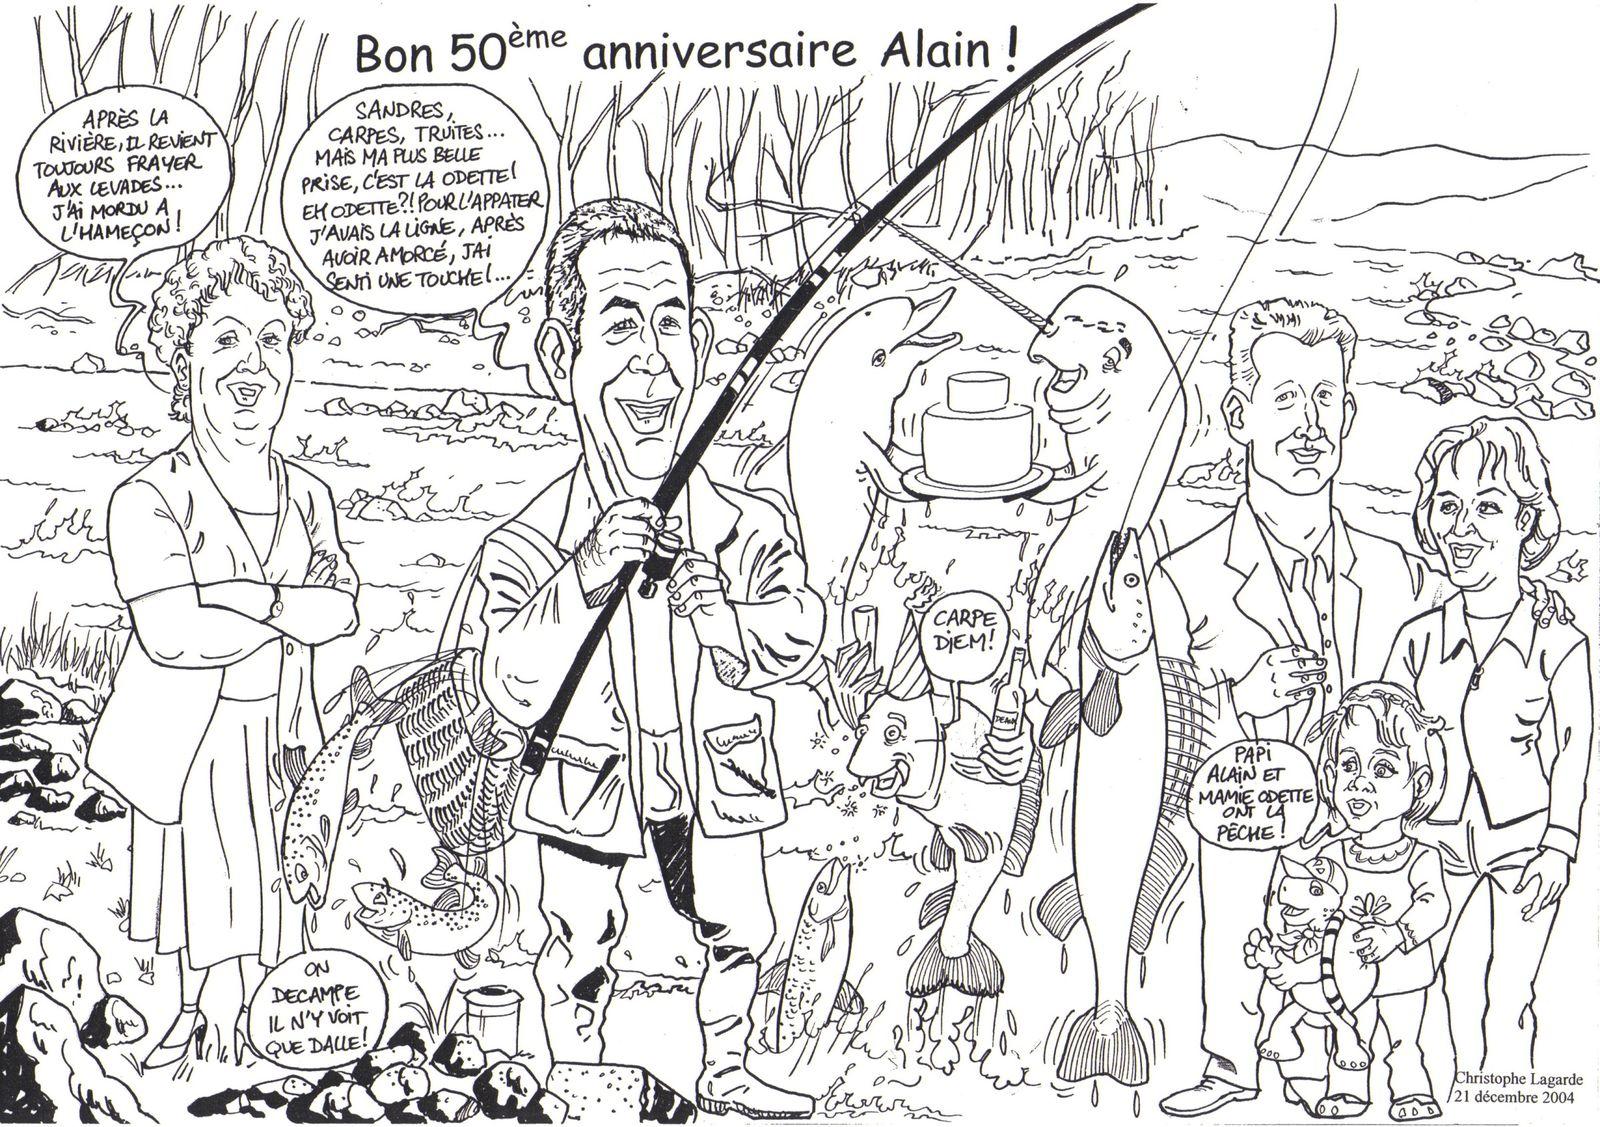 Anniversaire 50 ans Alain